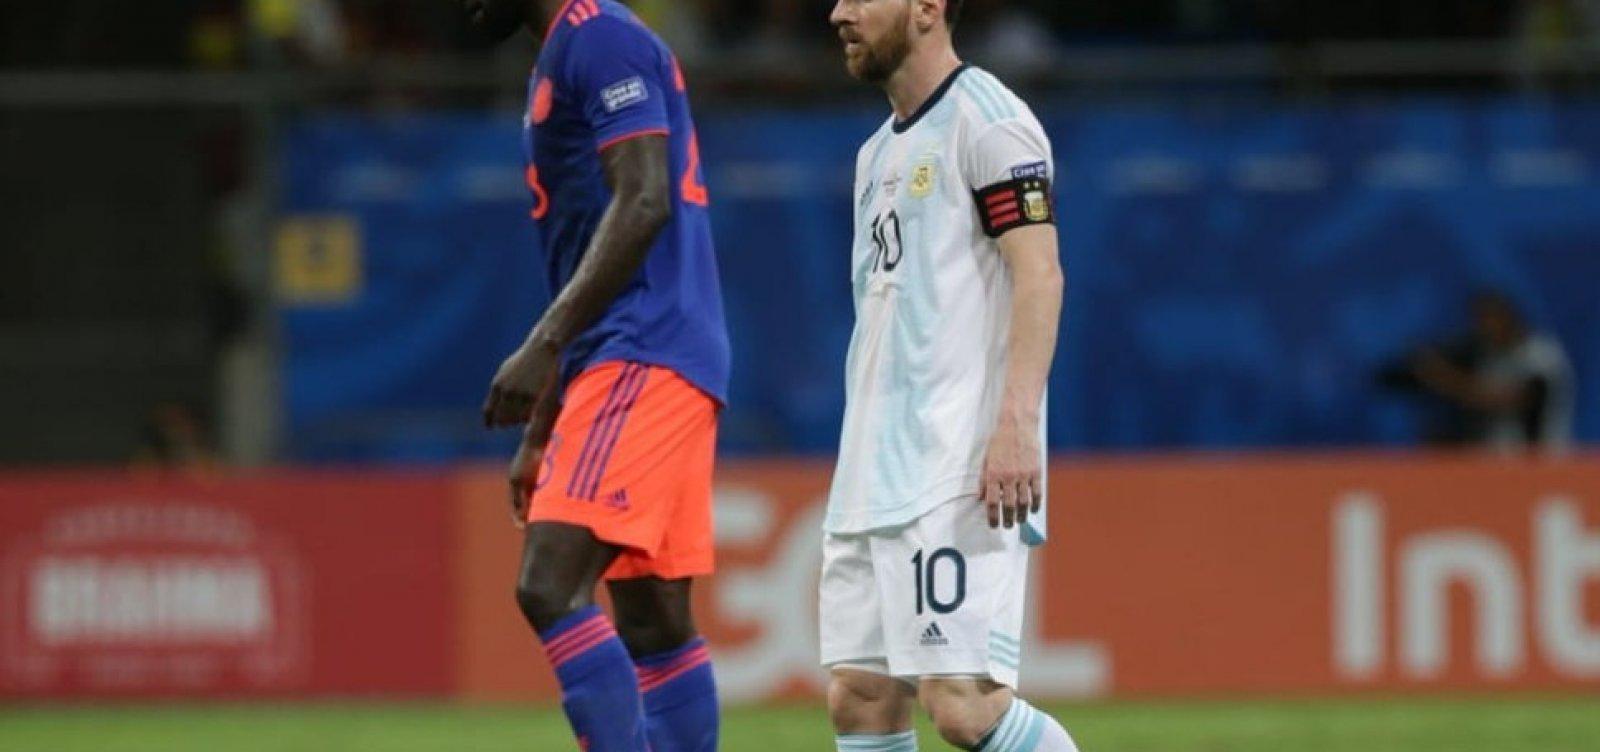 ['Não há tempo para lamentar-se', diz Messi após derrota em Salvador]